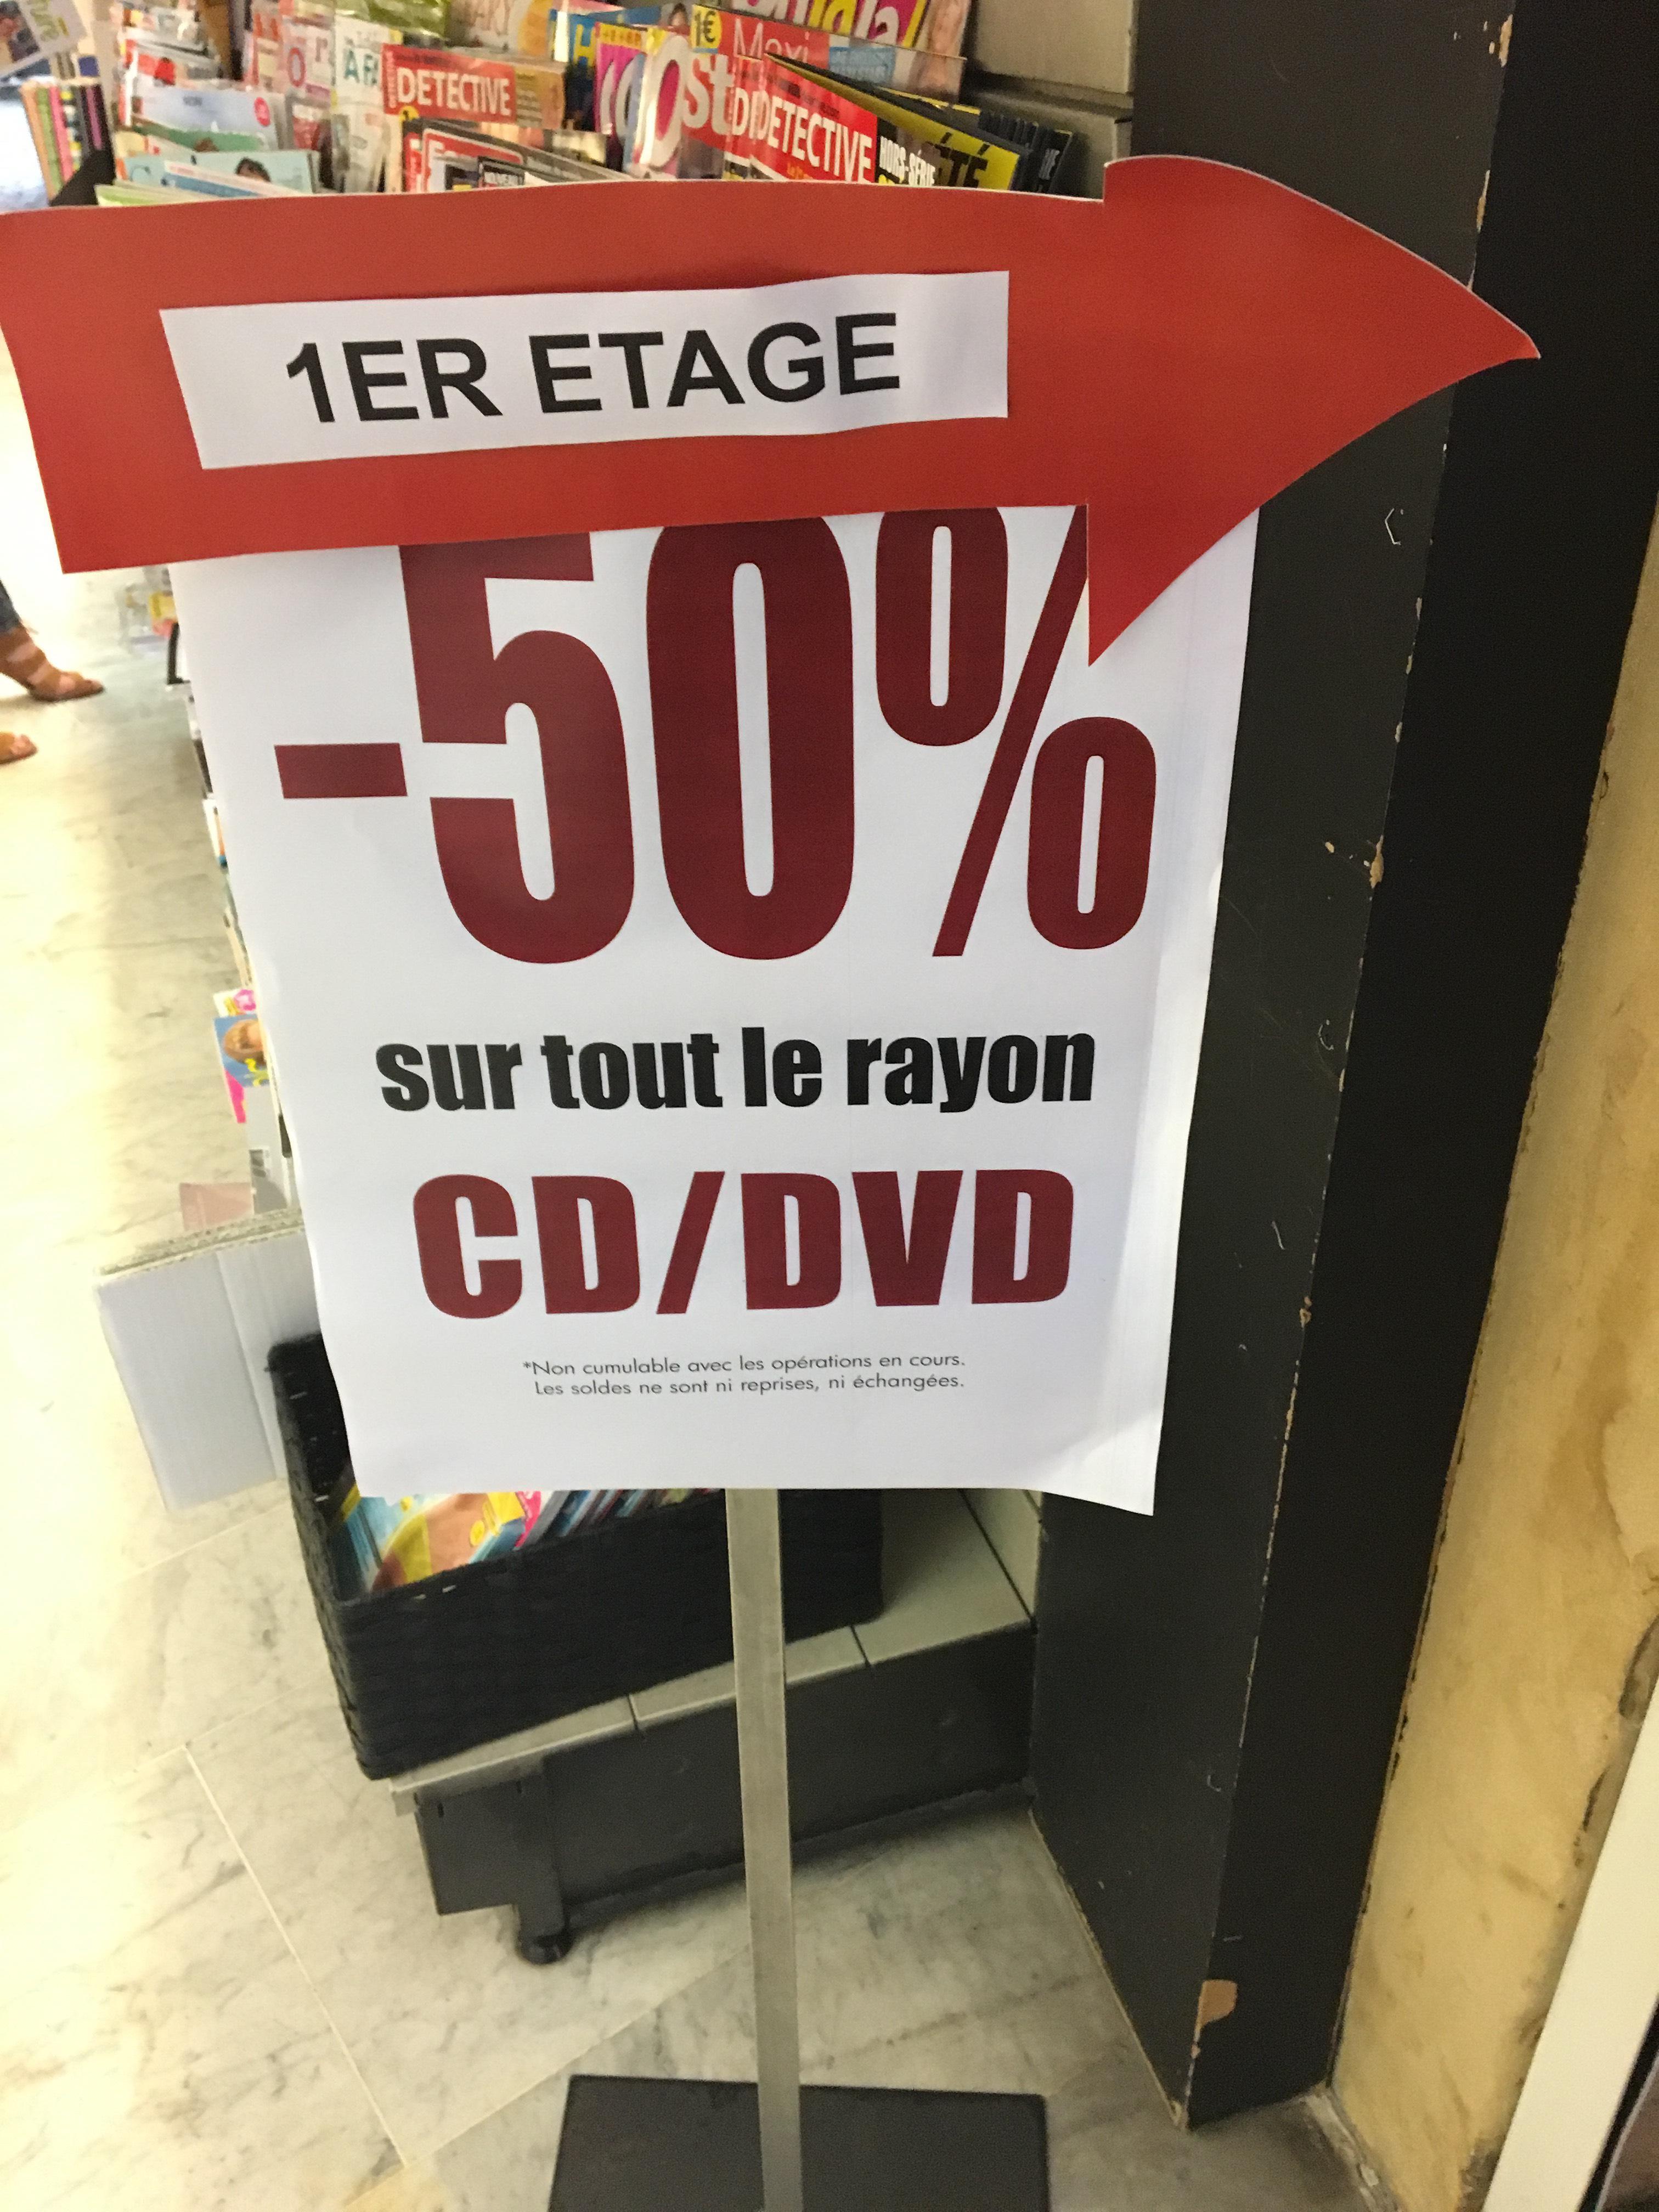 50% de réduction sur les CD/DVD et certains Blu-ray